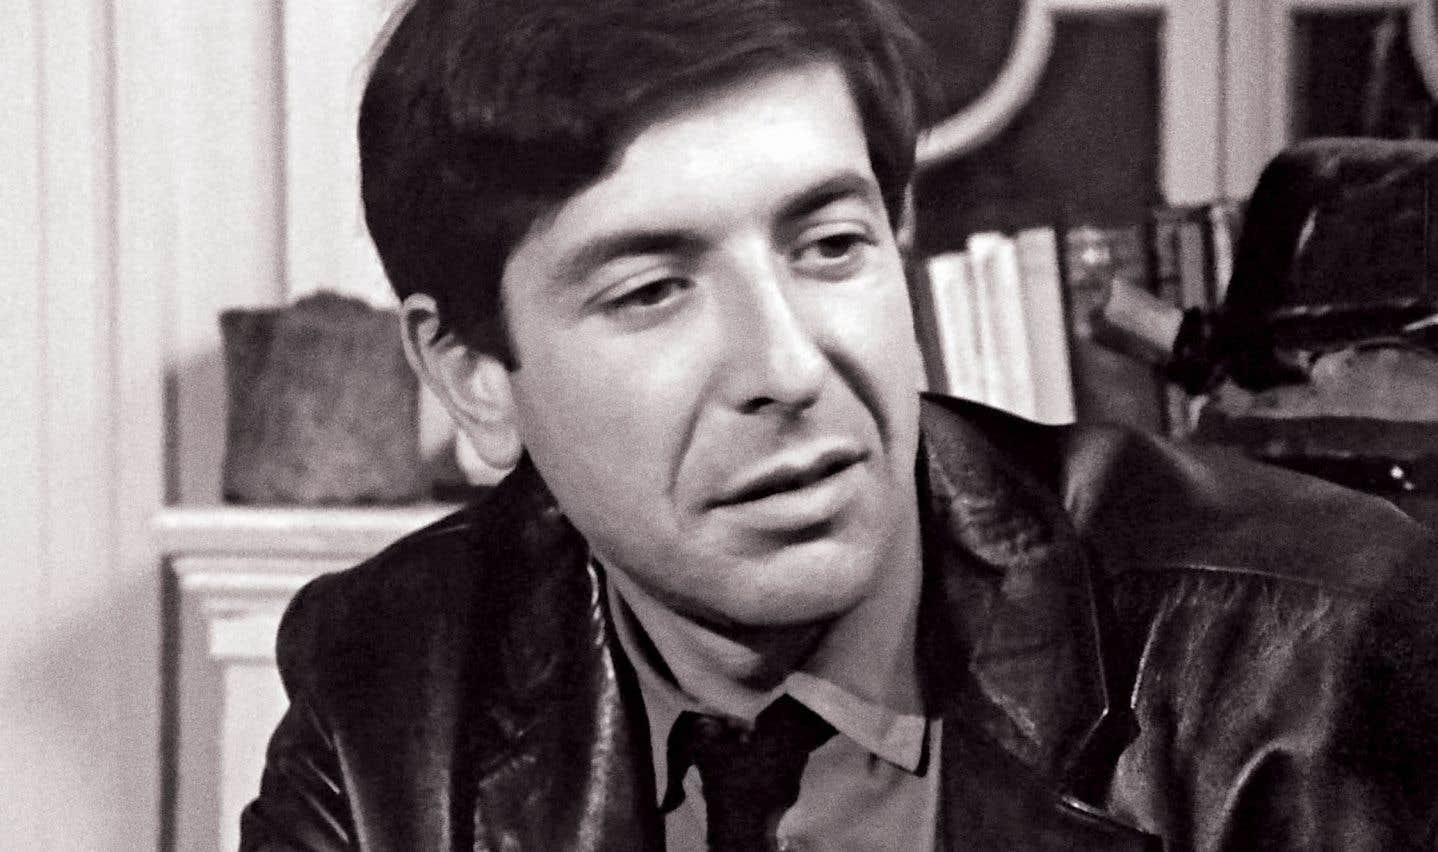 À l'intérieur d'une flamme: Leonard Cohen, un parcours complexe